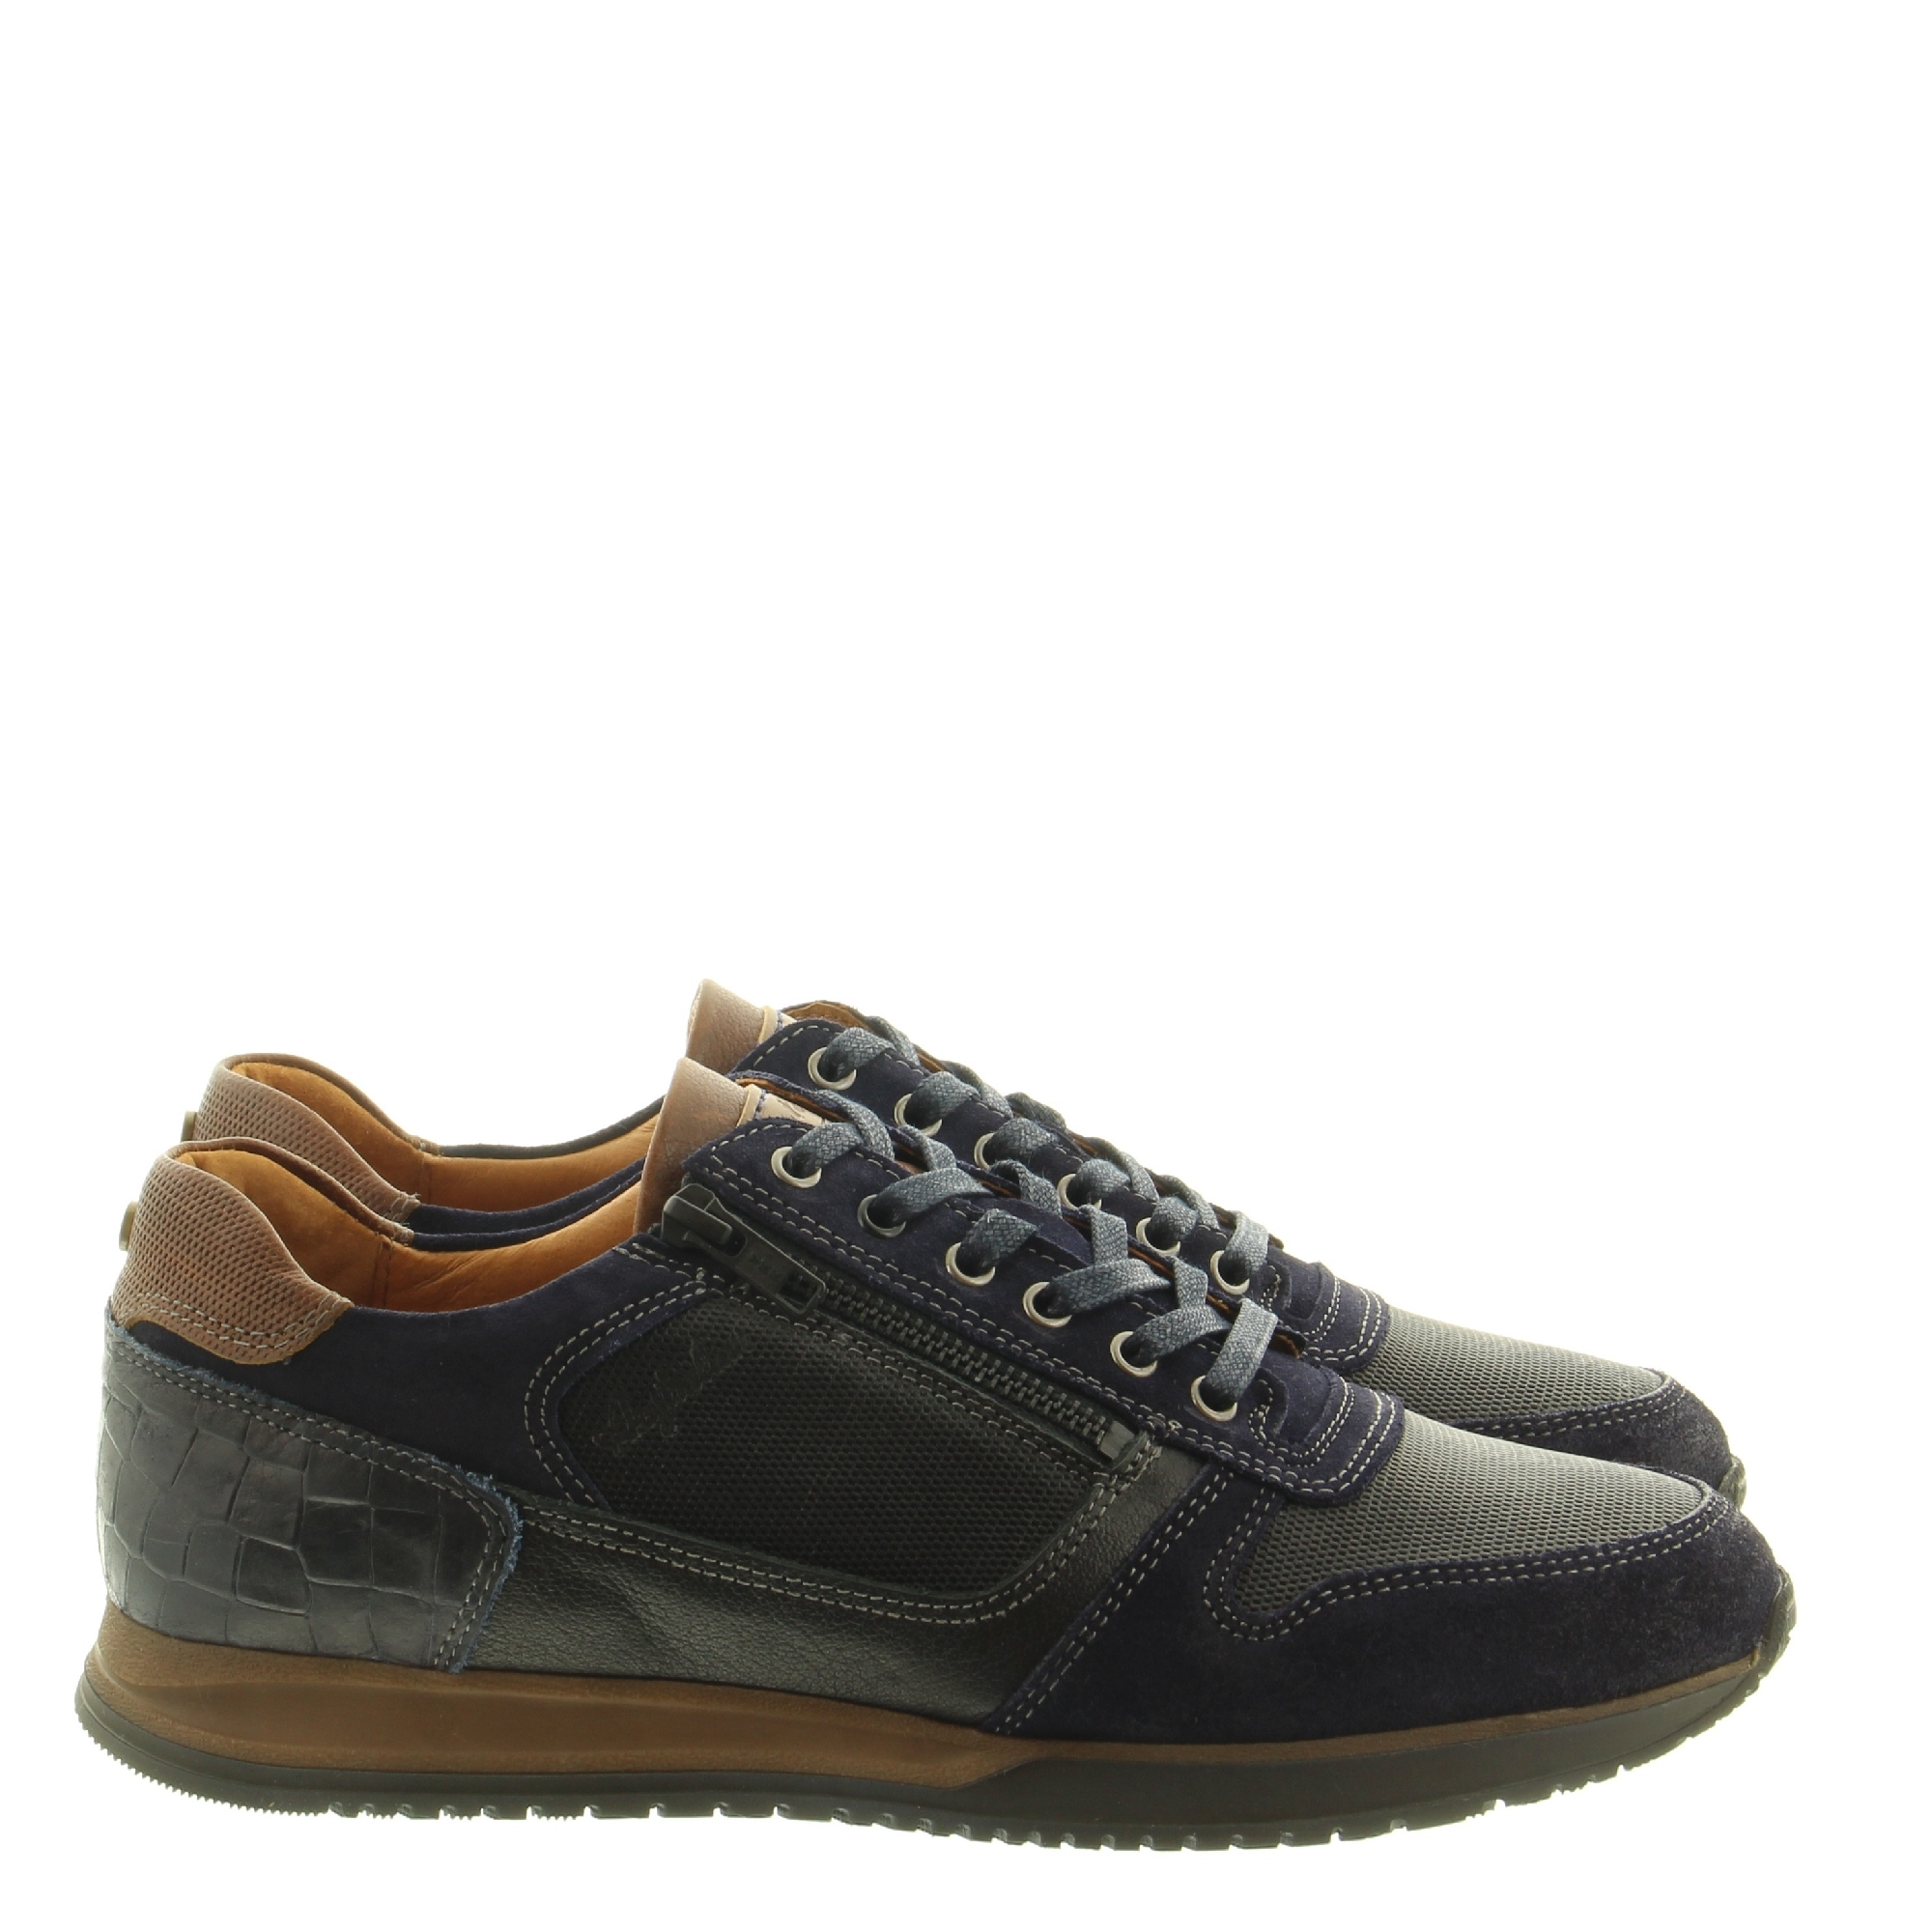 Australian Footwear Browning 15.1508.01 A10 Black Blue